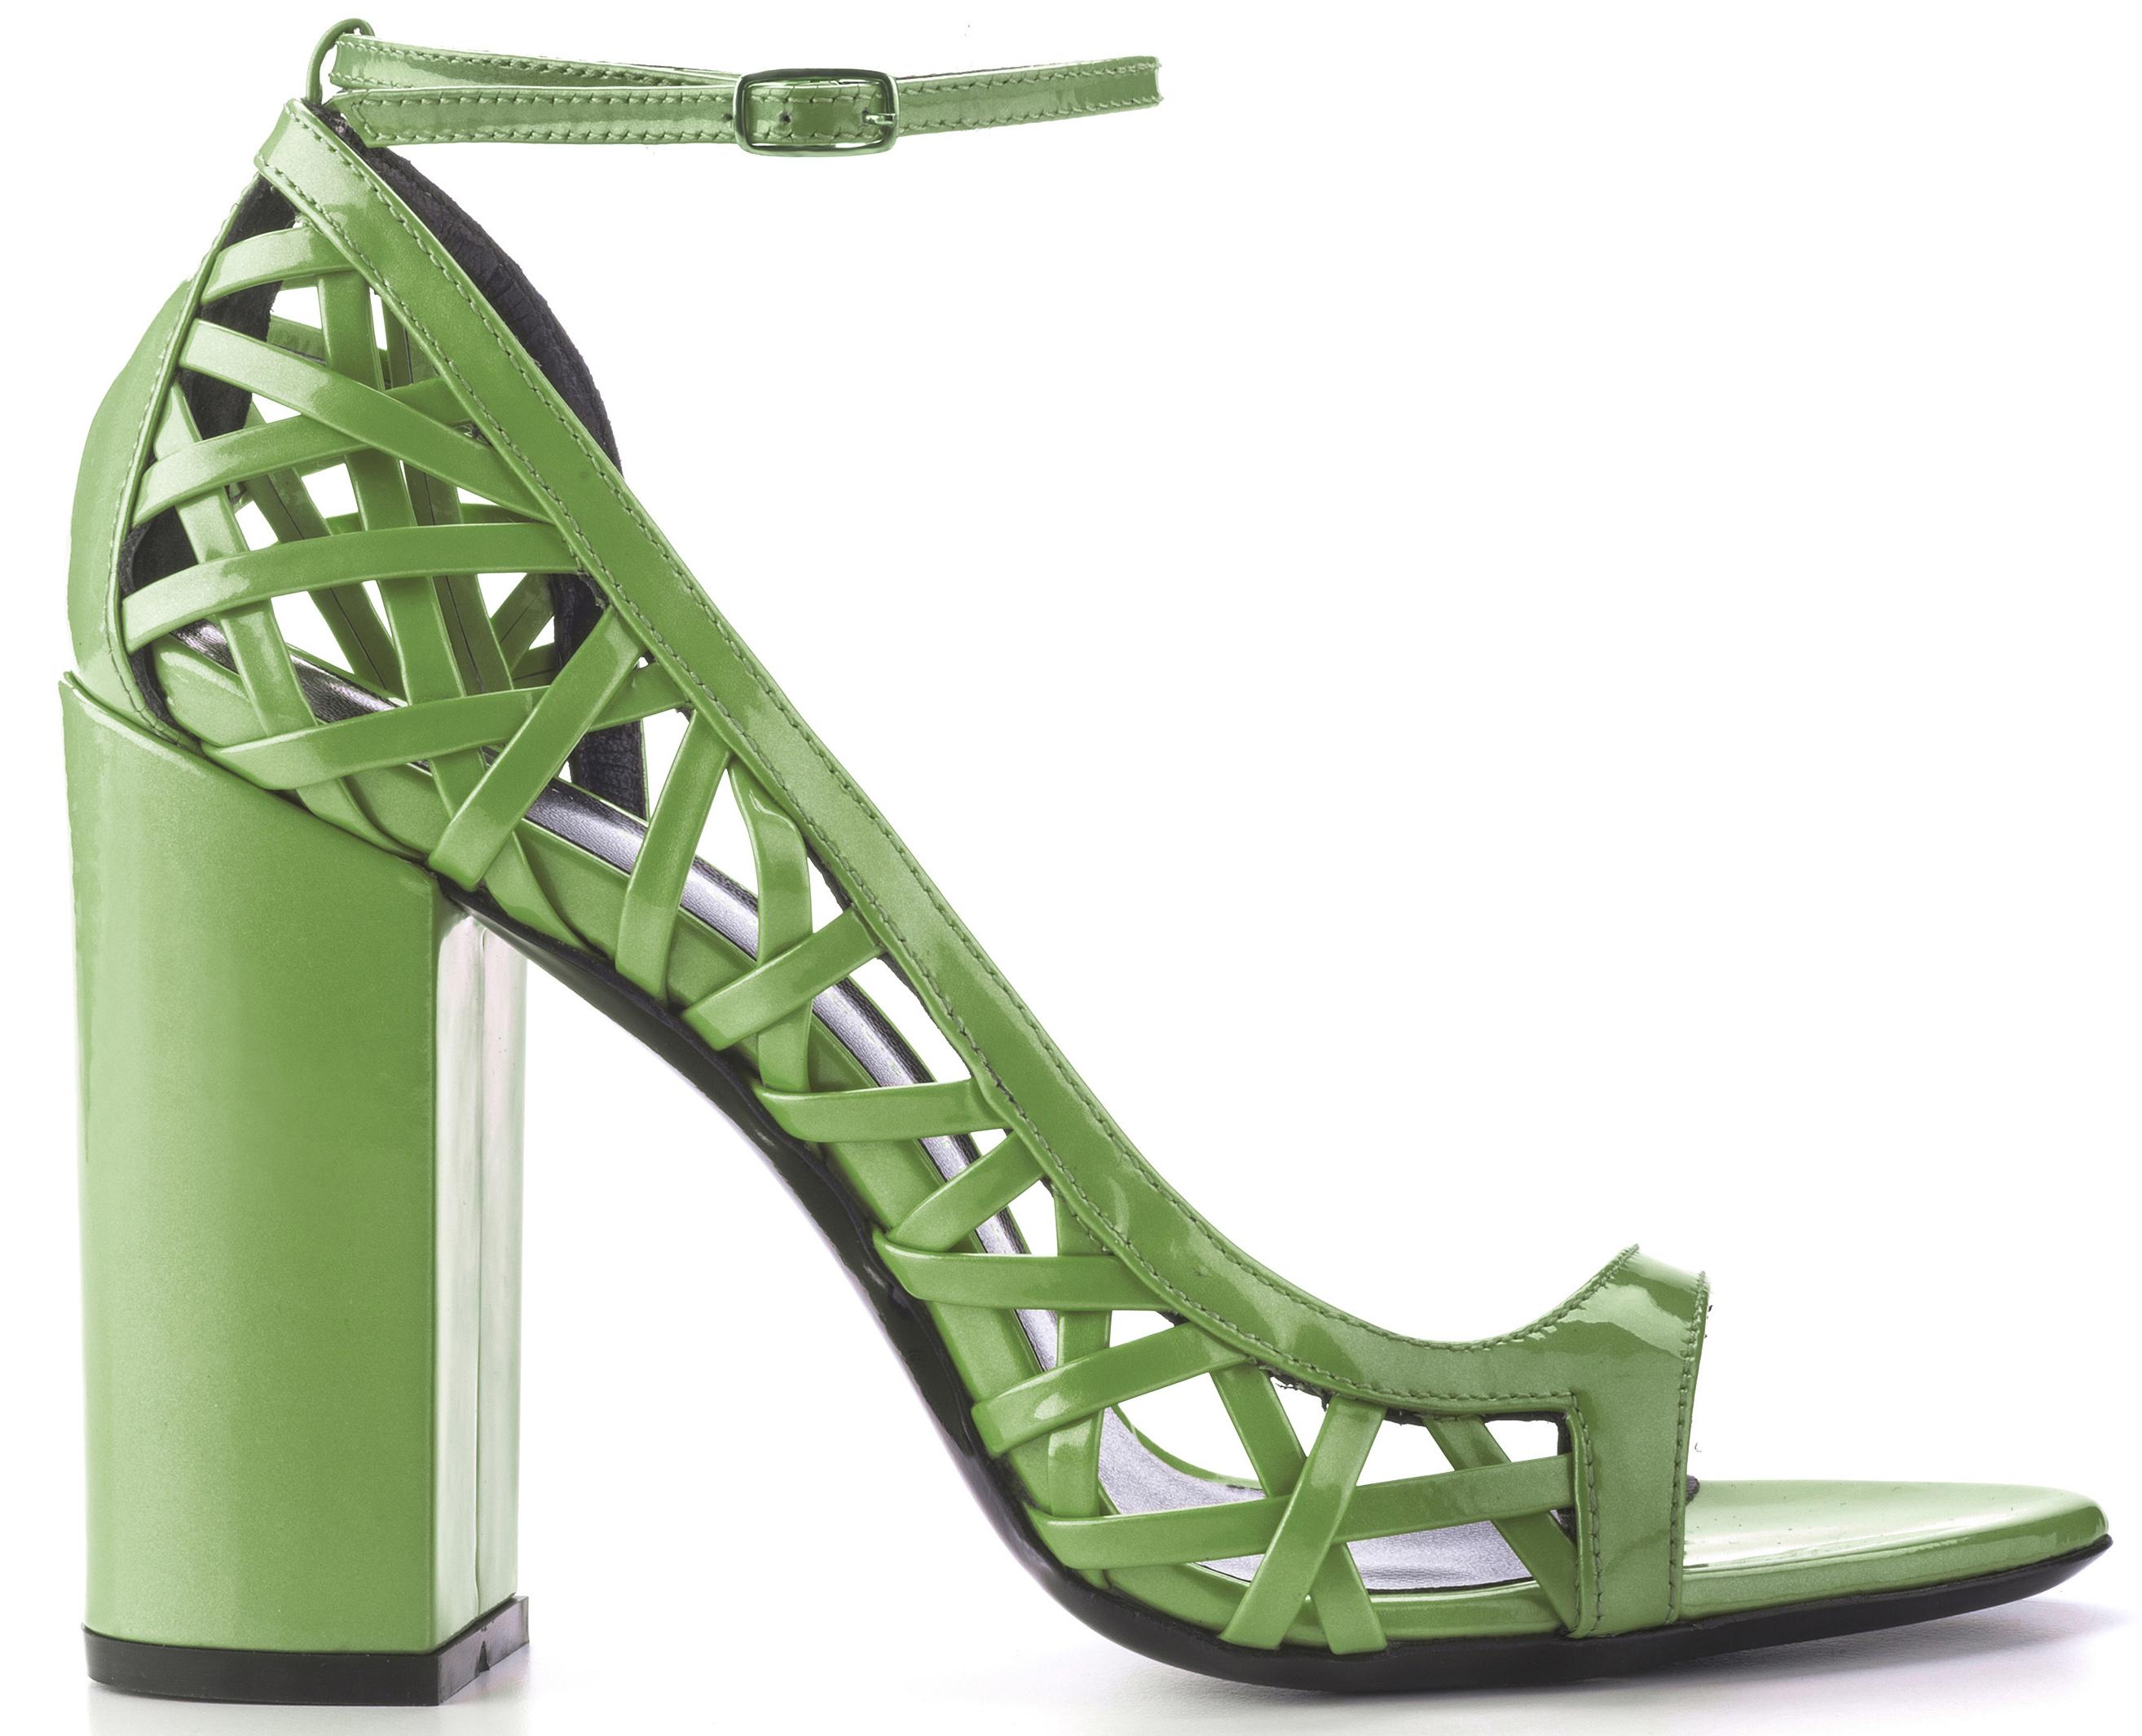 9.Sandalo open toe con block heel, intreccio laterale e cinturino alla caviglia. Vernice perlata verde Greenery. € 300,00 di Simone Castelletti.